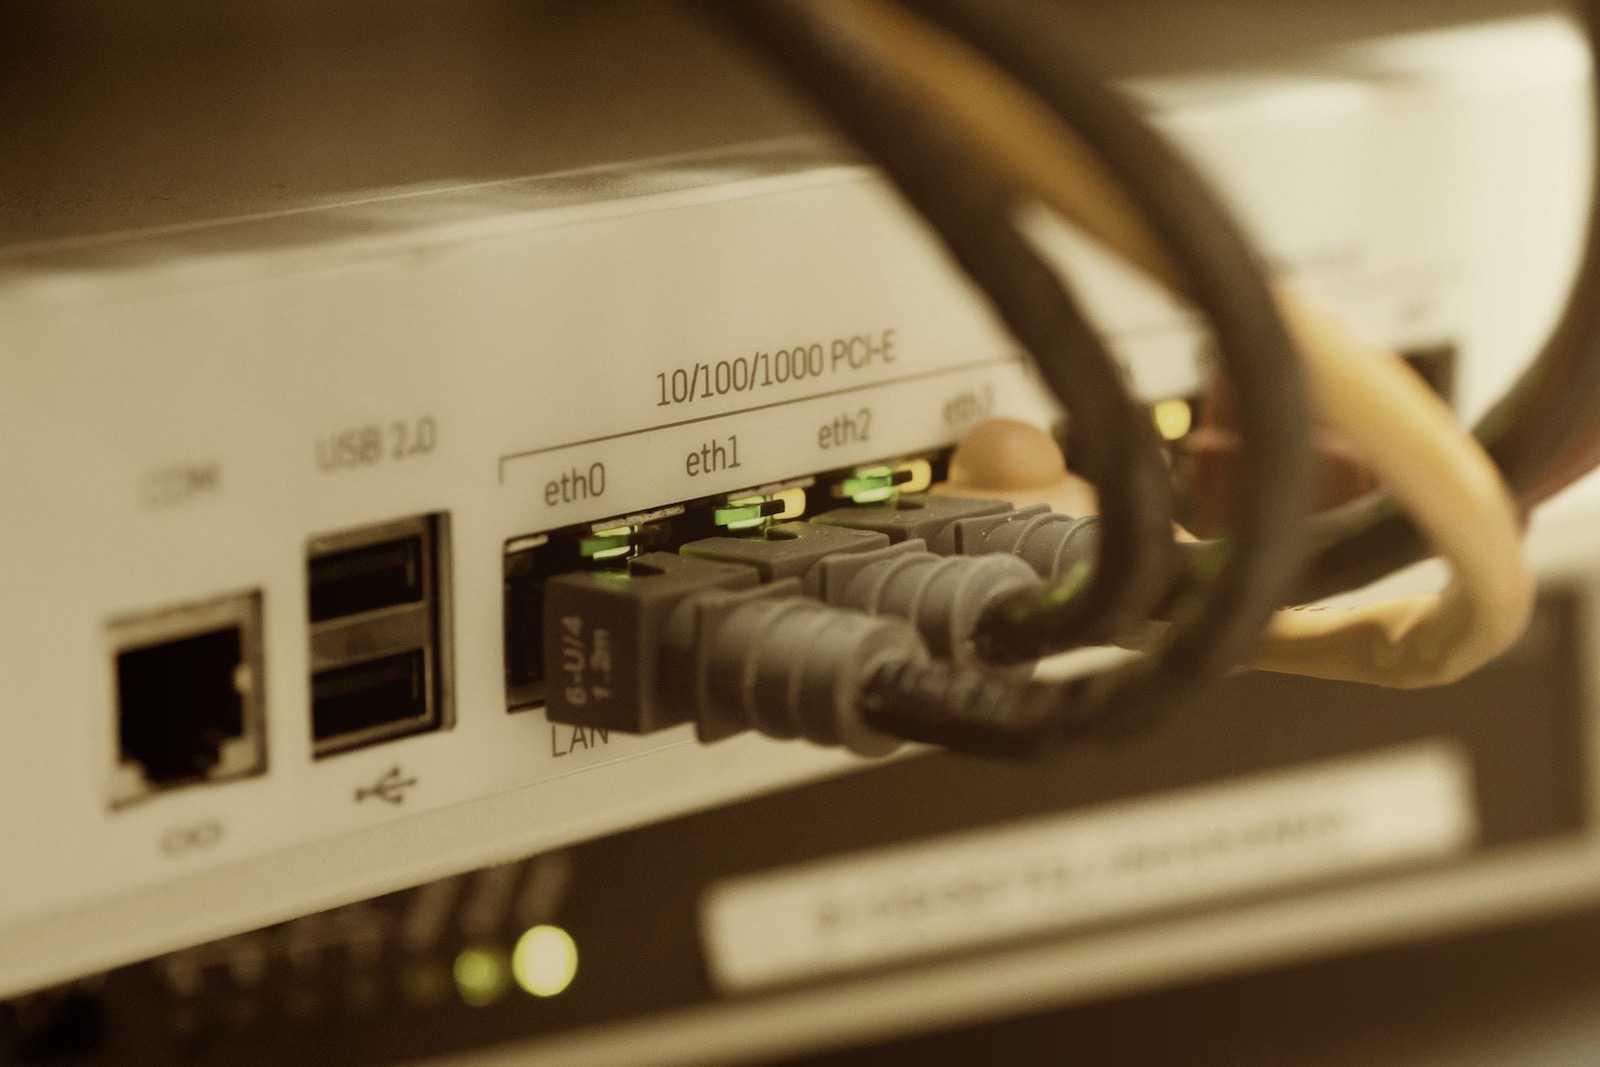 Macでネットワーク接続先の優先順位設定方法と場所や環境毎で設定を保存する方法-アイキャッチ